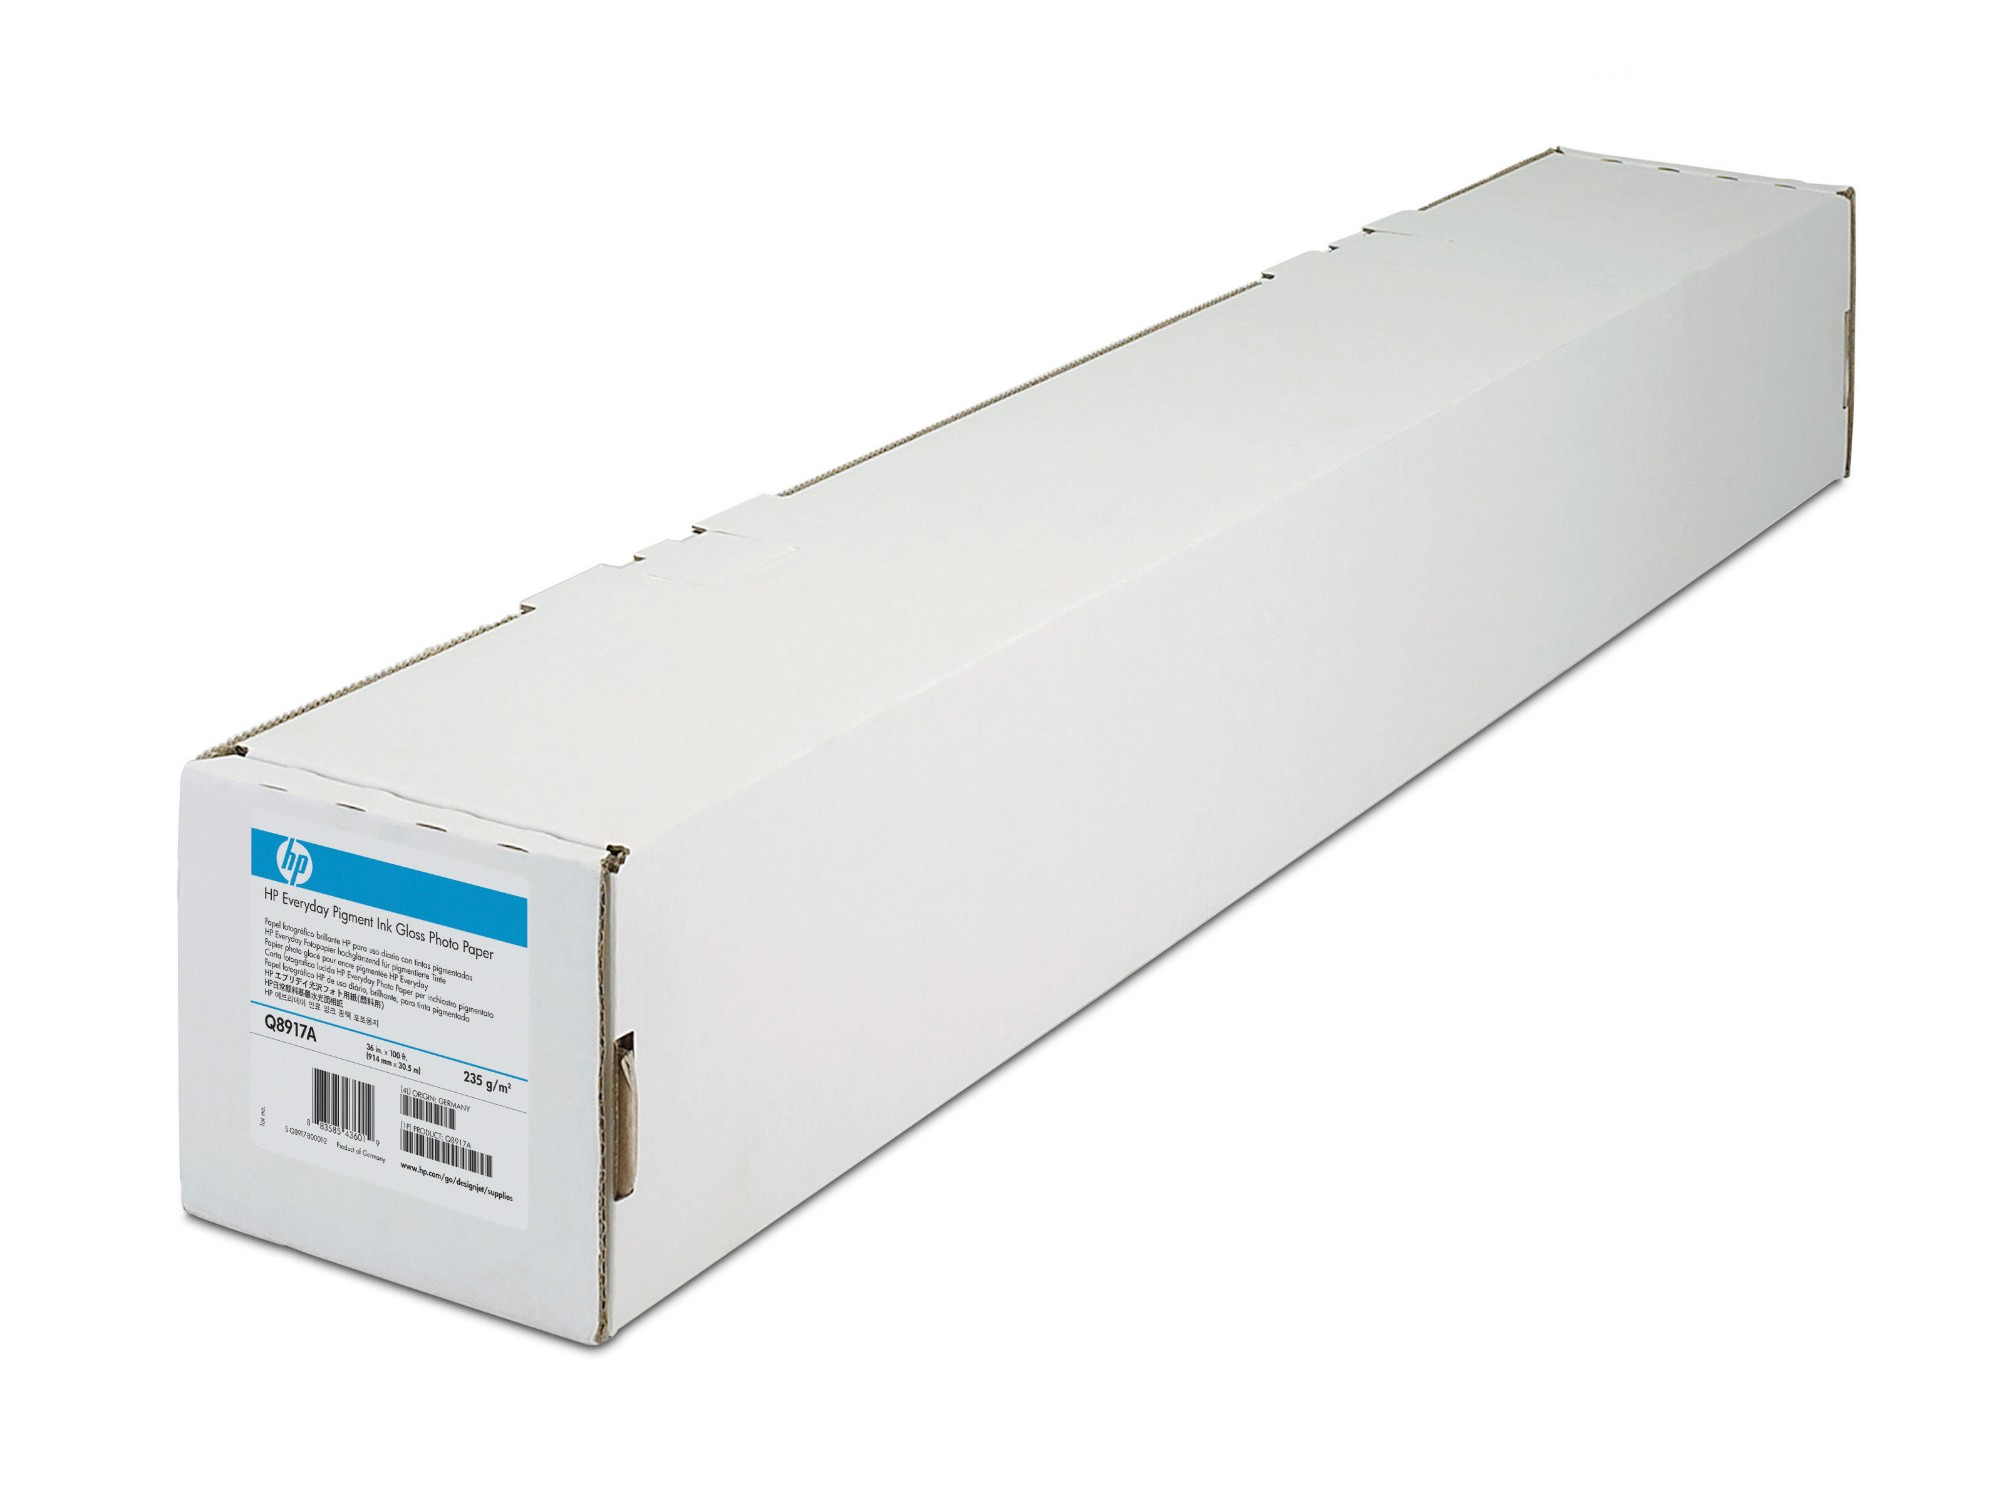 HP Papier met coating, extra zwaar, 914 mm x 30,5 m